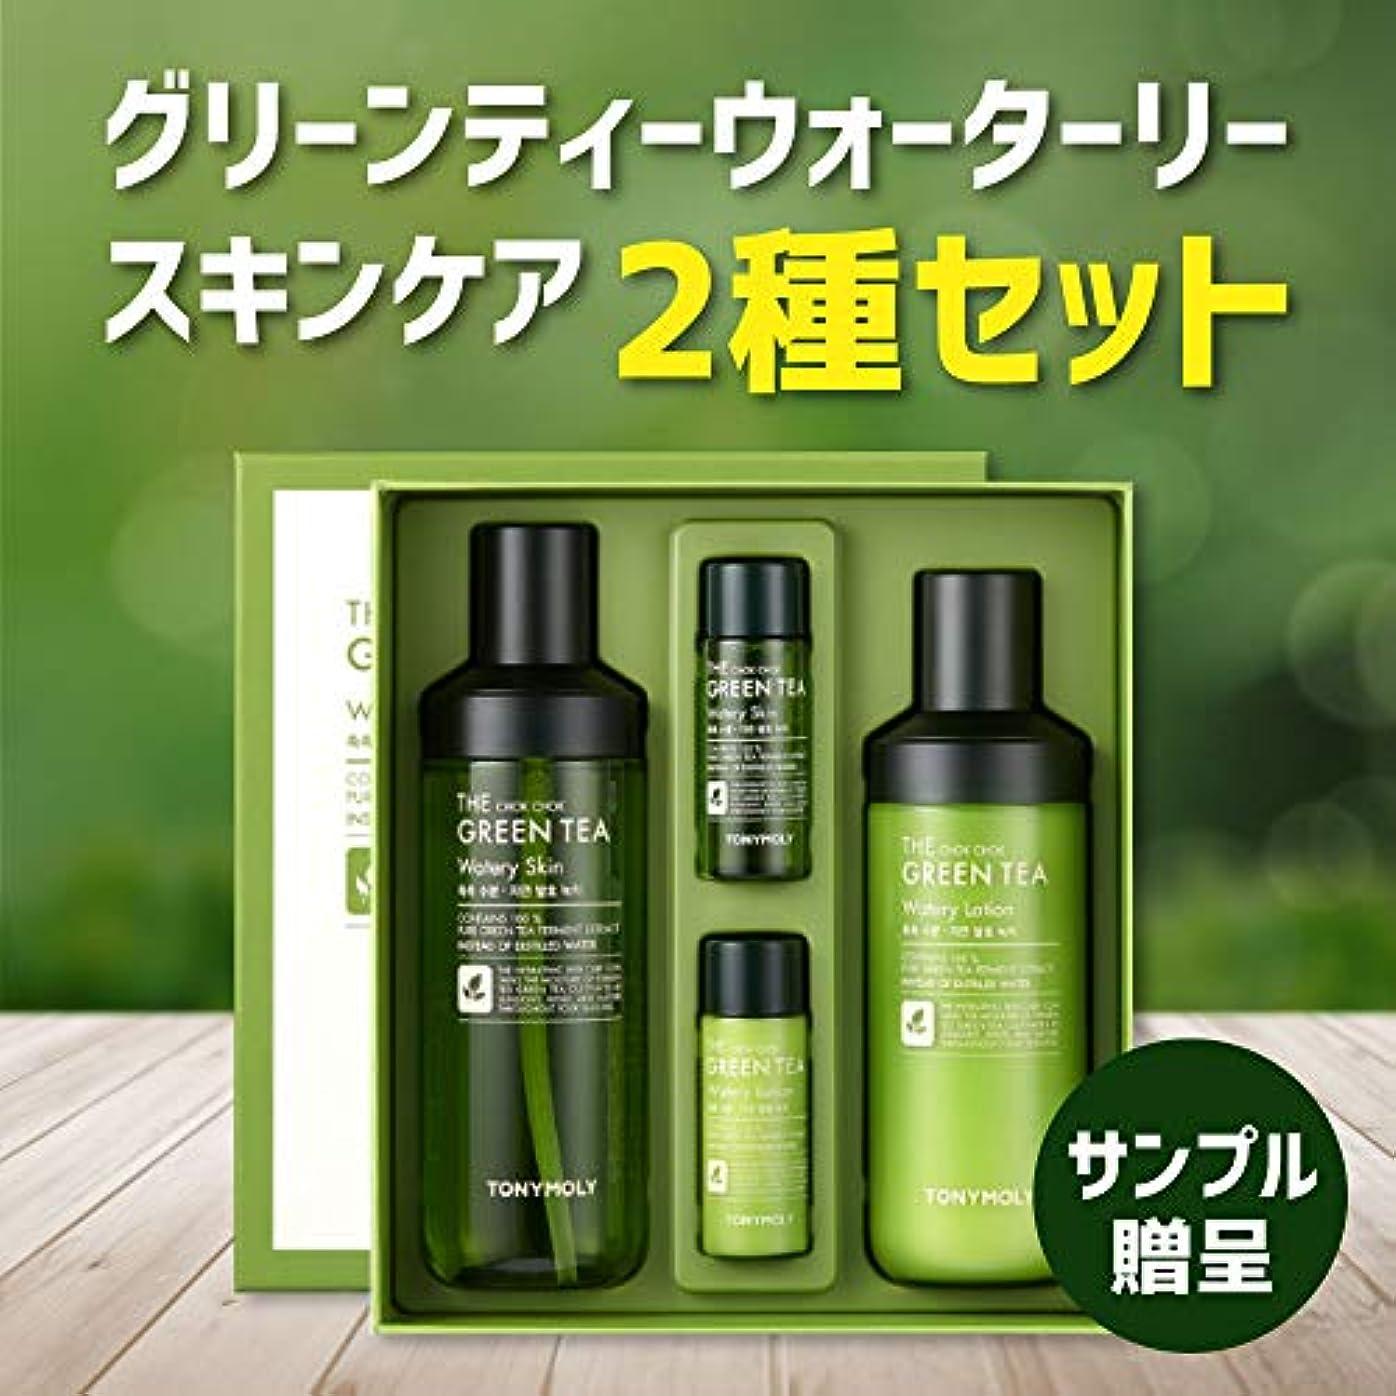 プラカード残り葬儀TONYMOLY しっとり グリーン ティー 水分 化粧水 乳液 セット 抹茶 The Chok Chok Green Tea Watery Skin